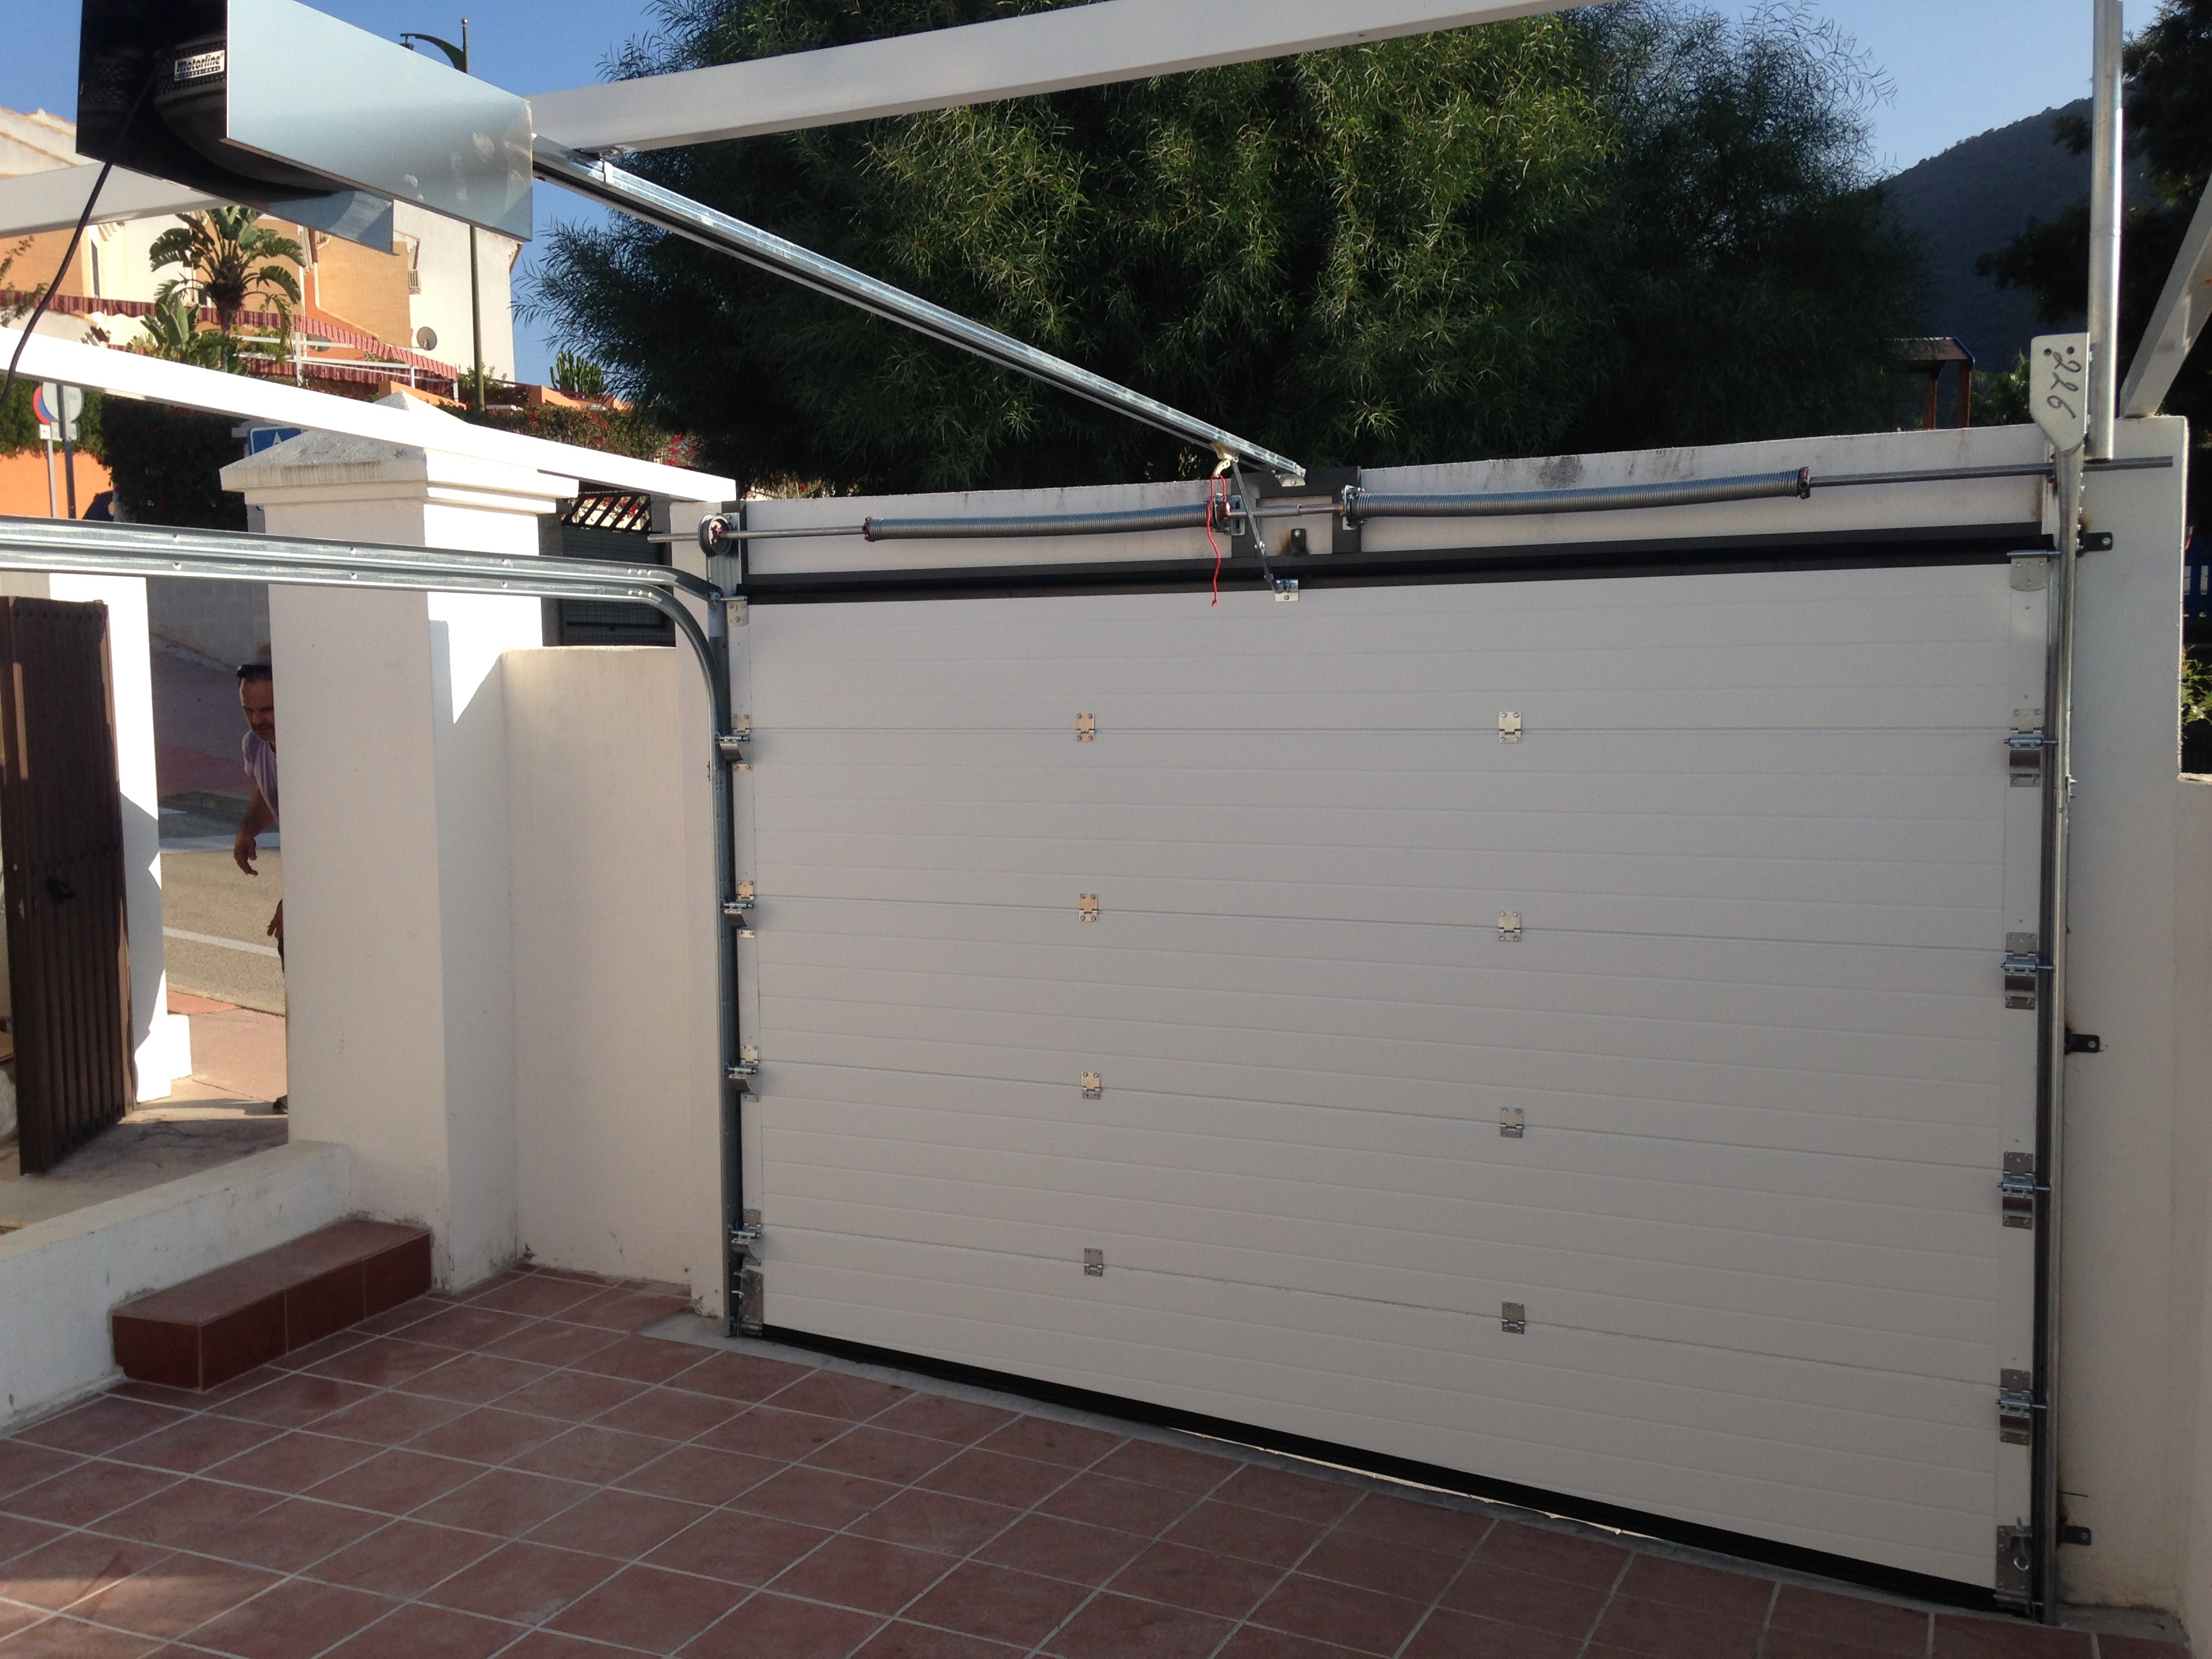 Puerta seccional con estructura para montaje sin techo - SBautomatismos